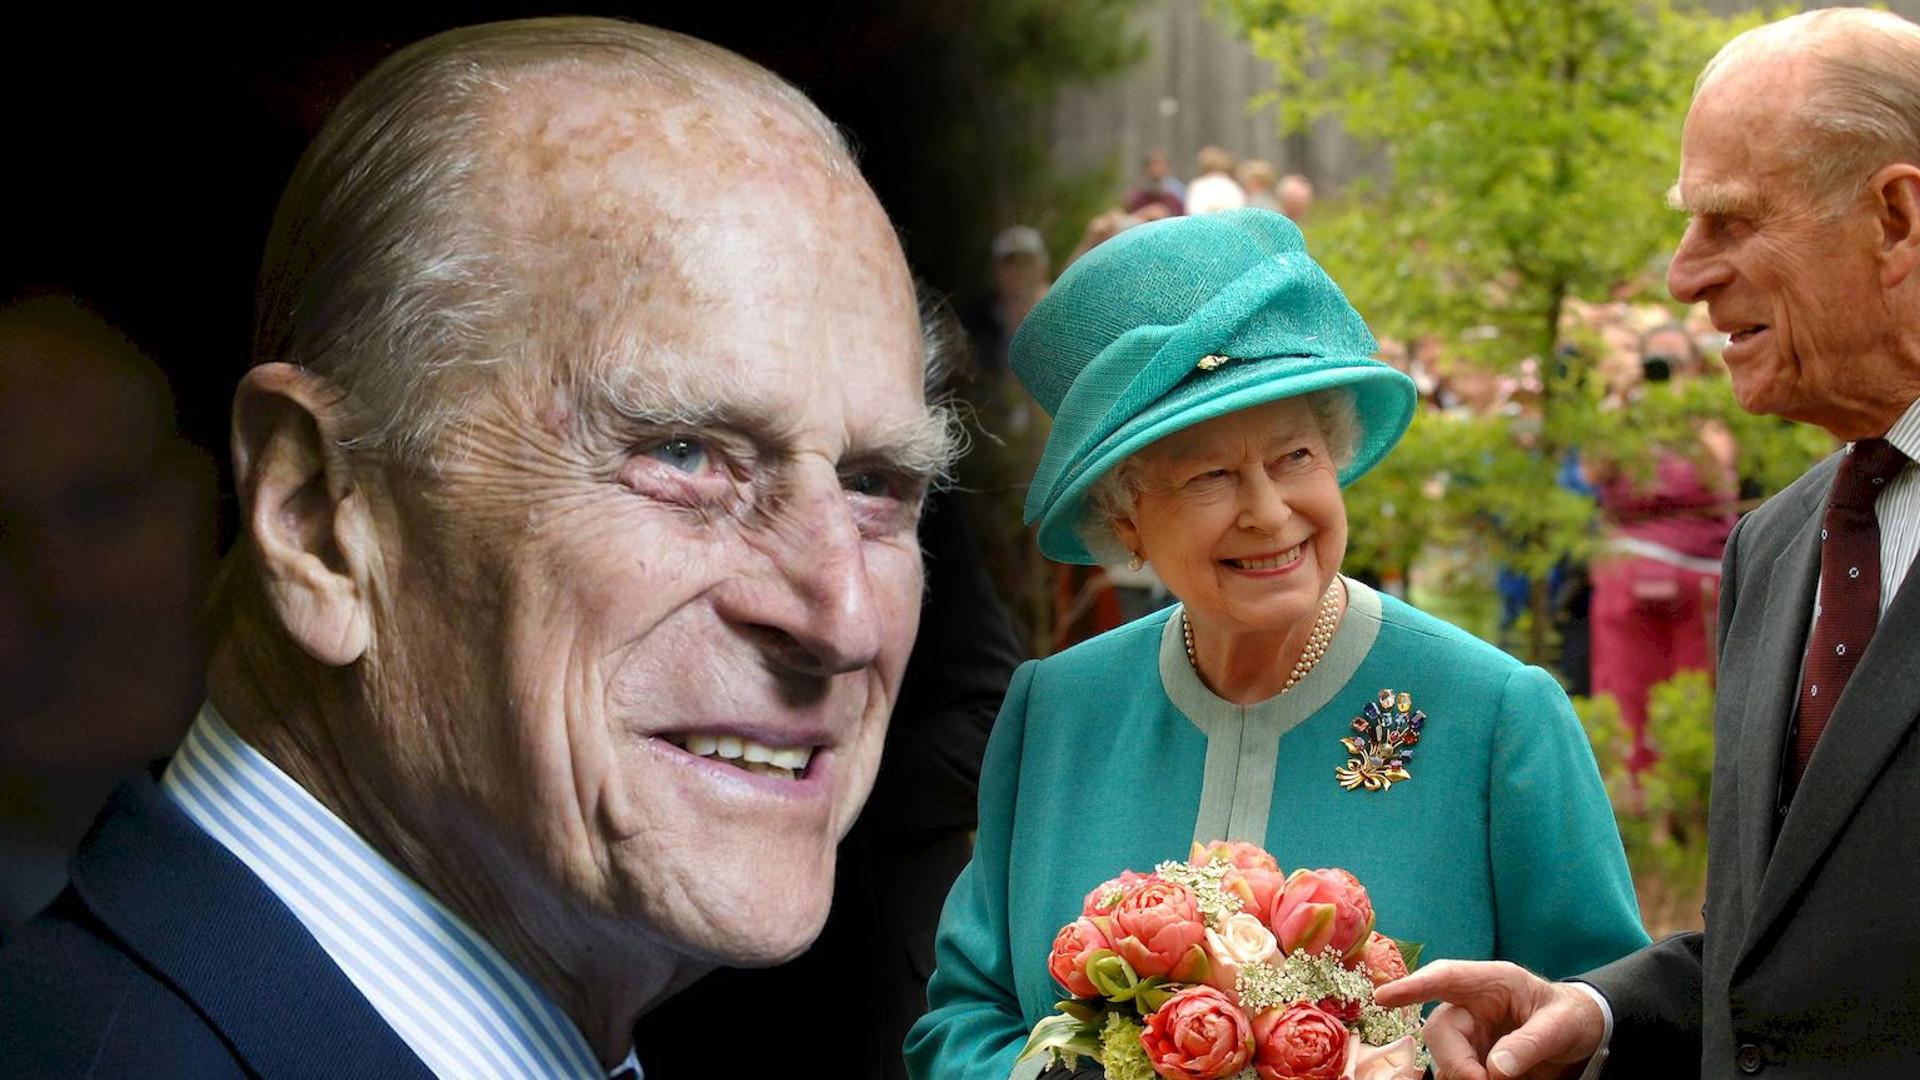 Gdzie będzie można obejrzeć pogrzeb księcia Filipa? Rodzina królewska pomyślała o wszystkich